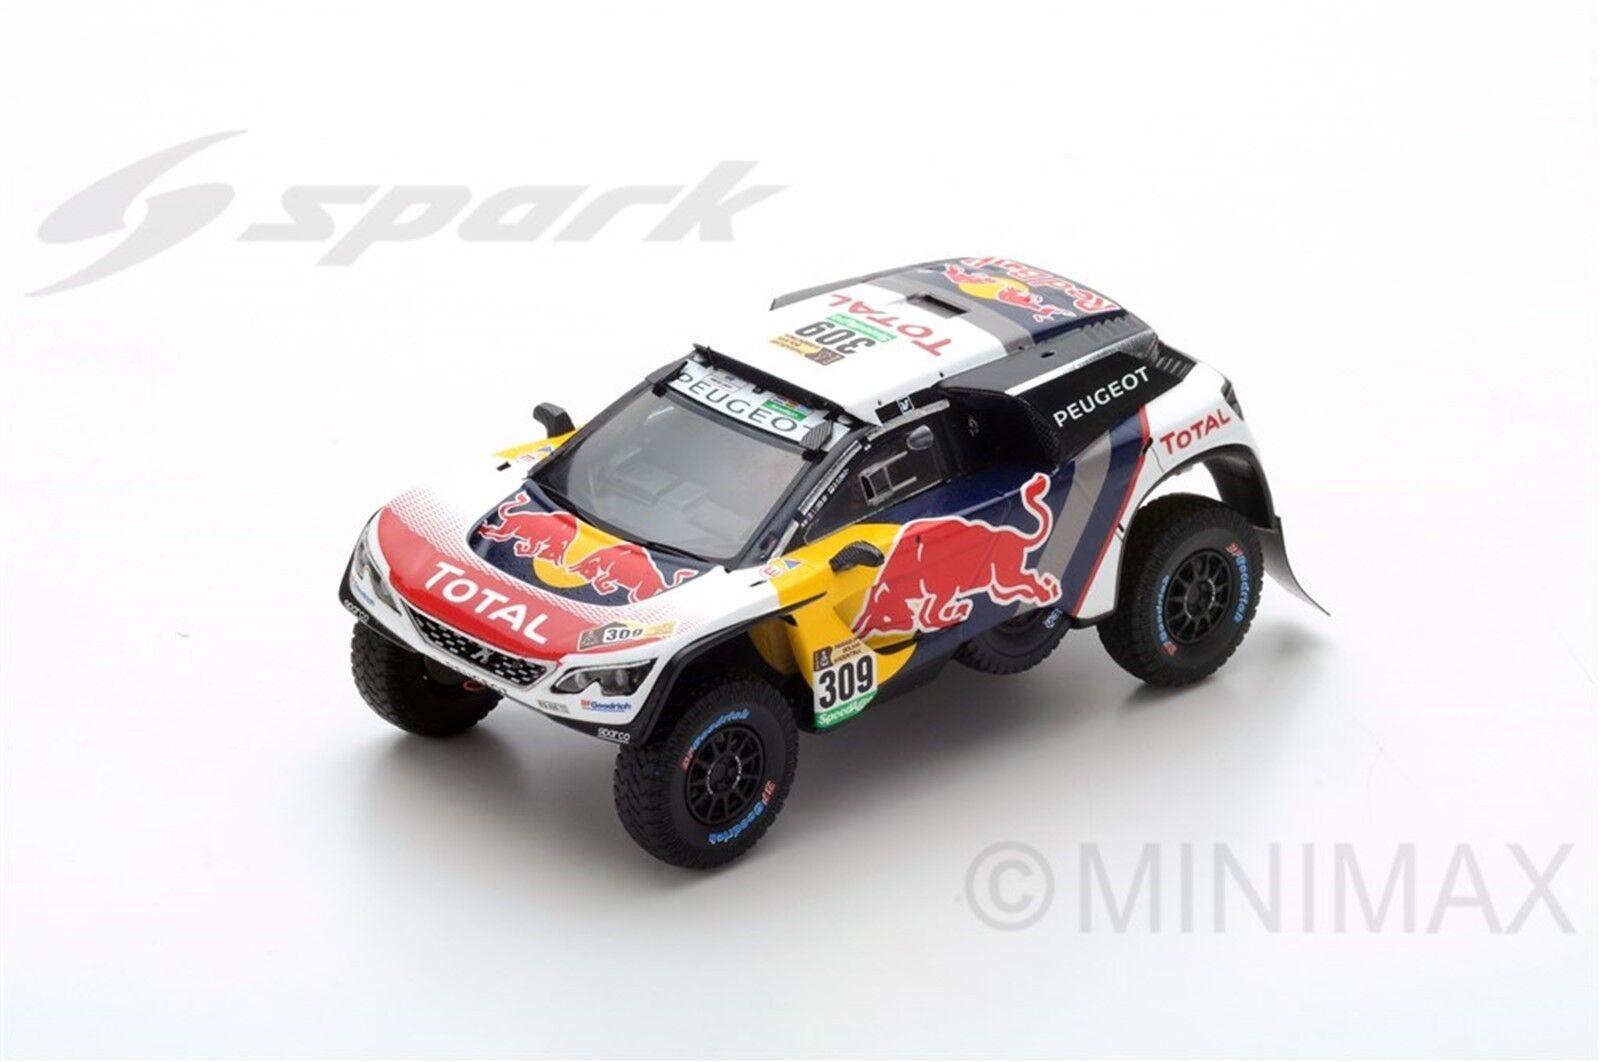 SPARK PEUGEOT 3008 DKR nd Dakar 2017 2017 2017 S. Loeb - D. Elena S5610 1 43 2babe6